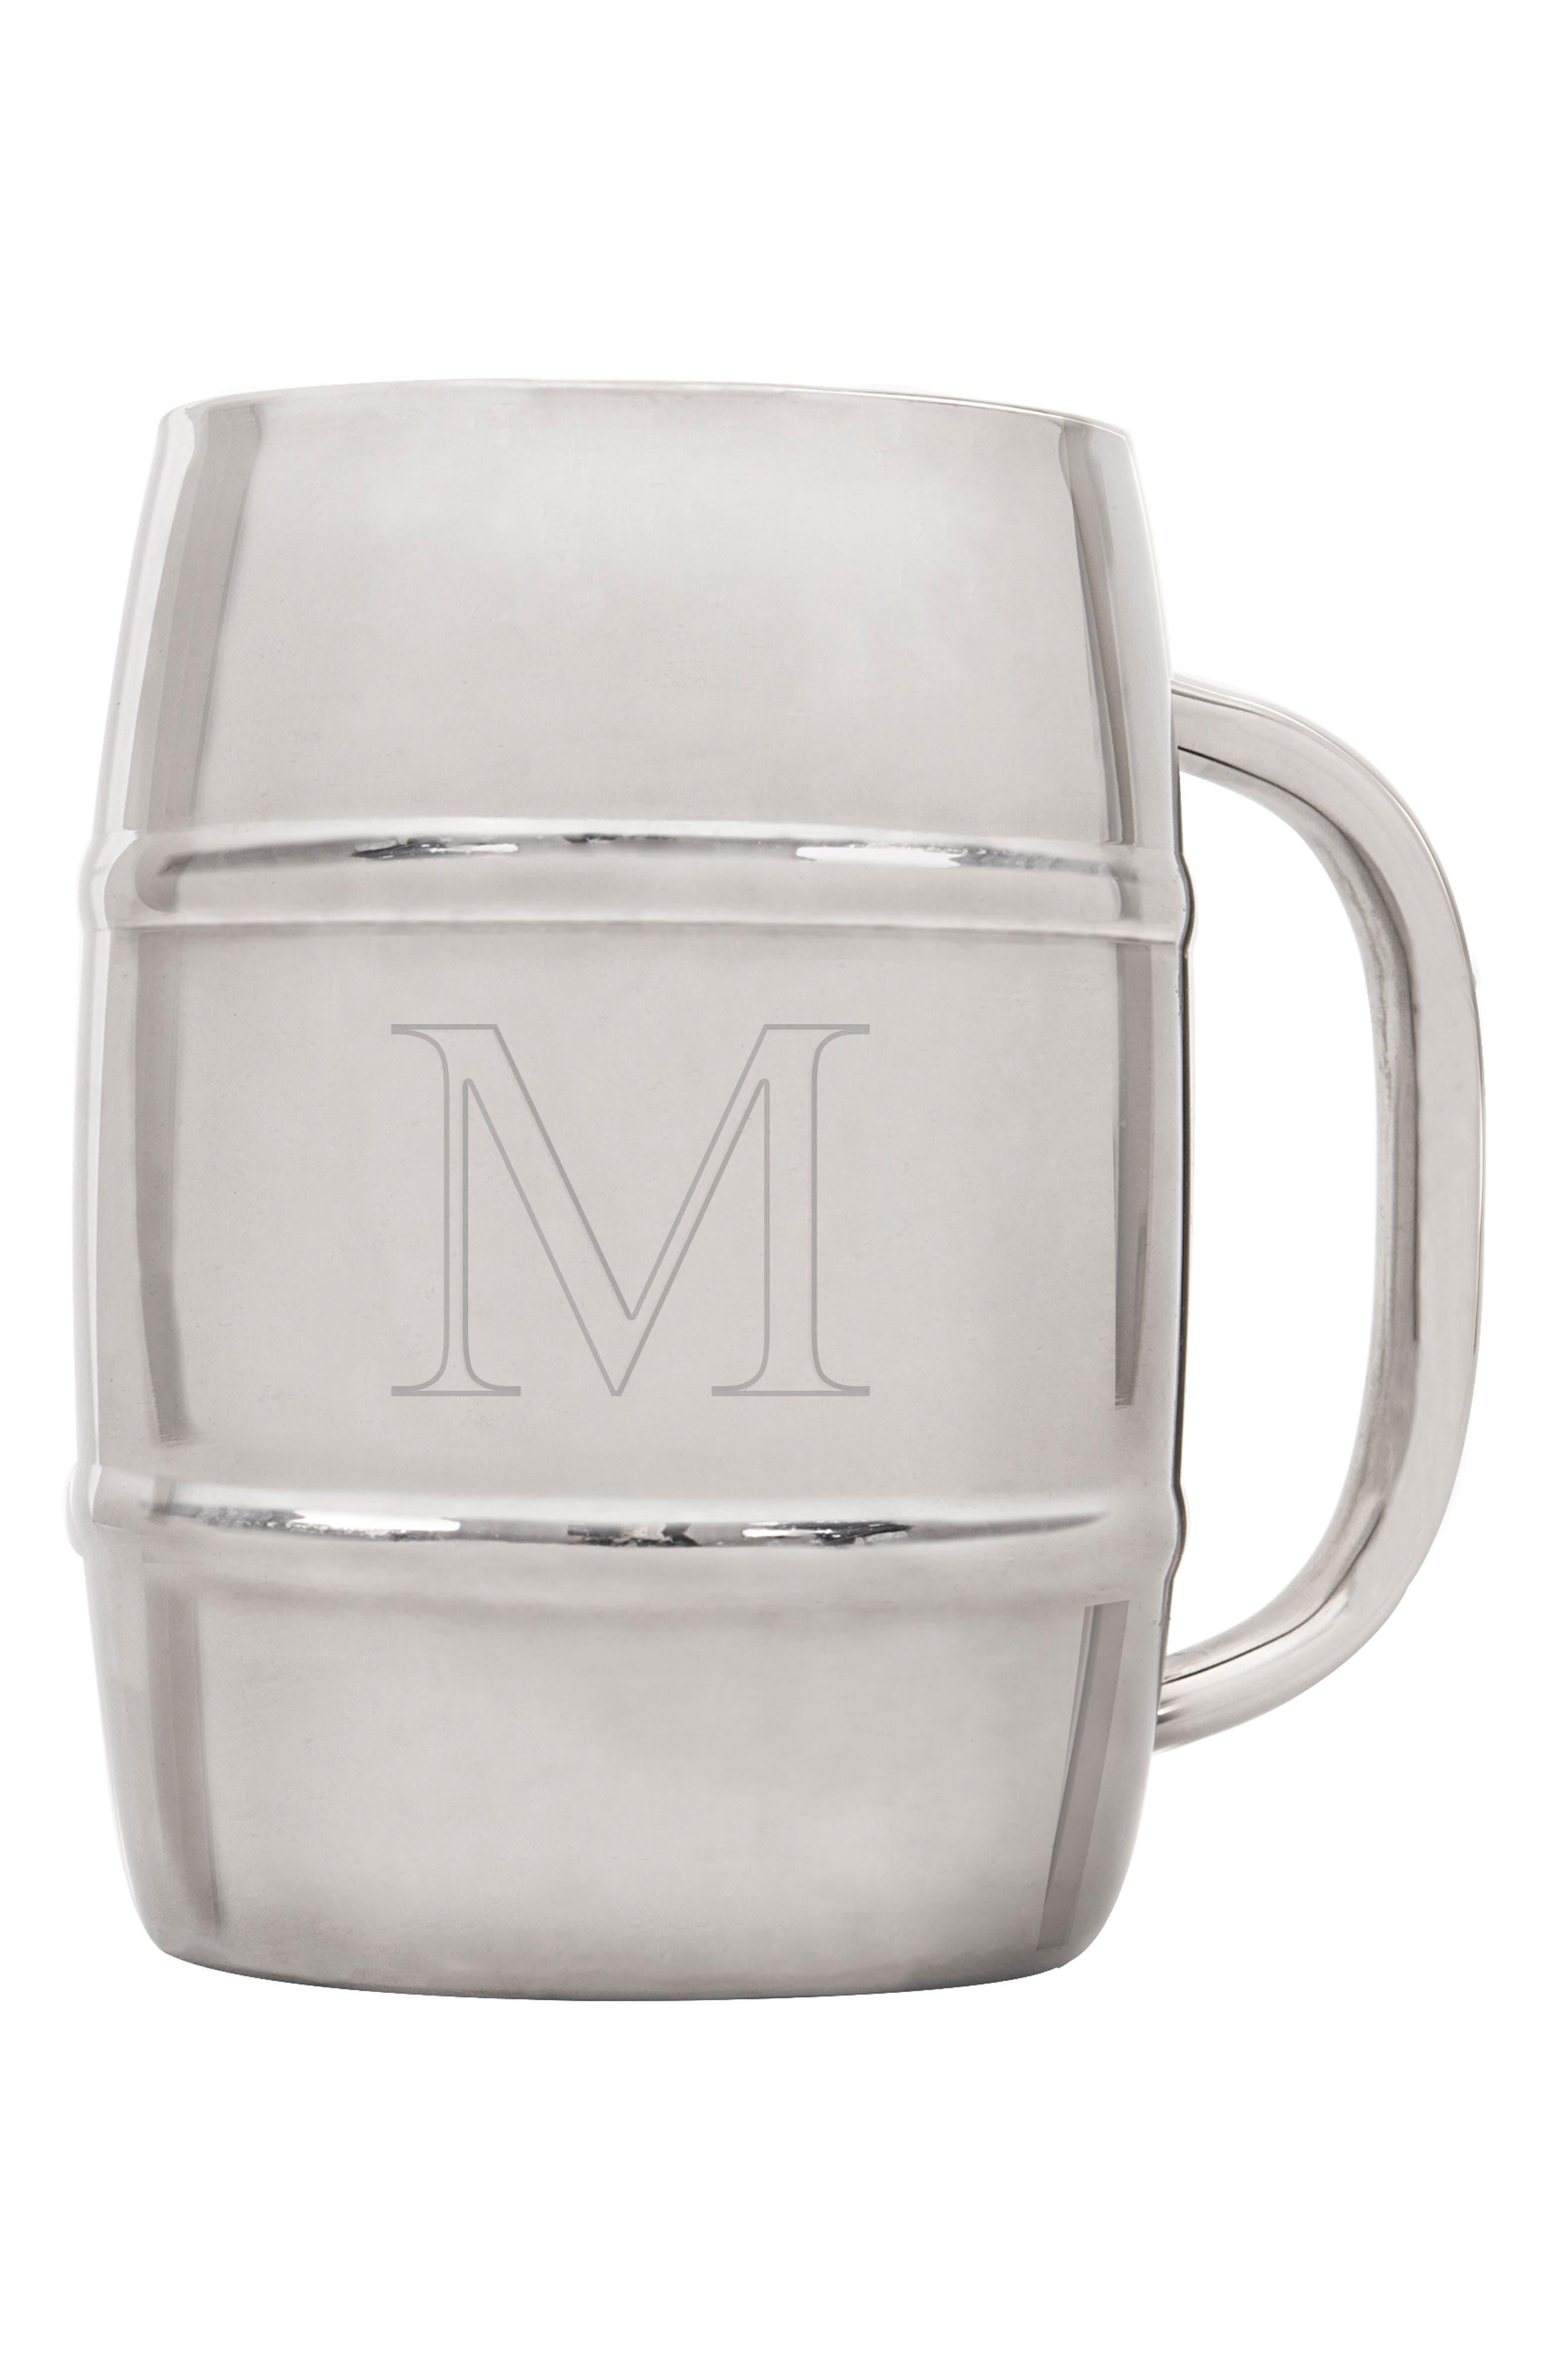 Main Image - Cathy's Concepts 'XL Beer Keg' Monogram Mug